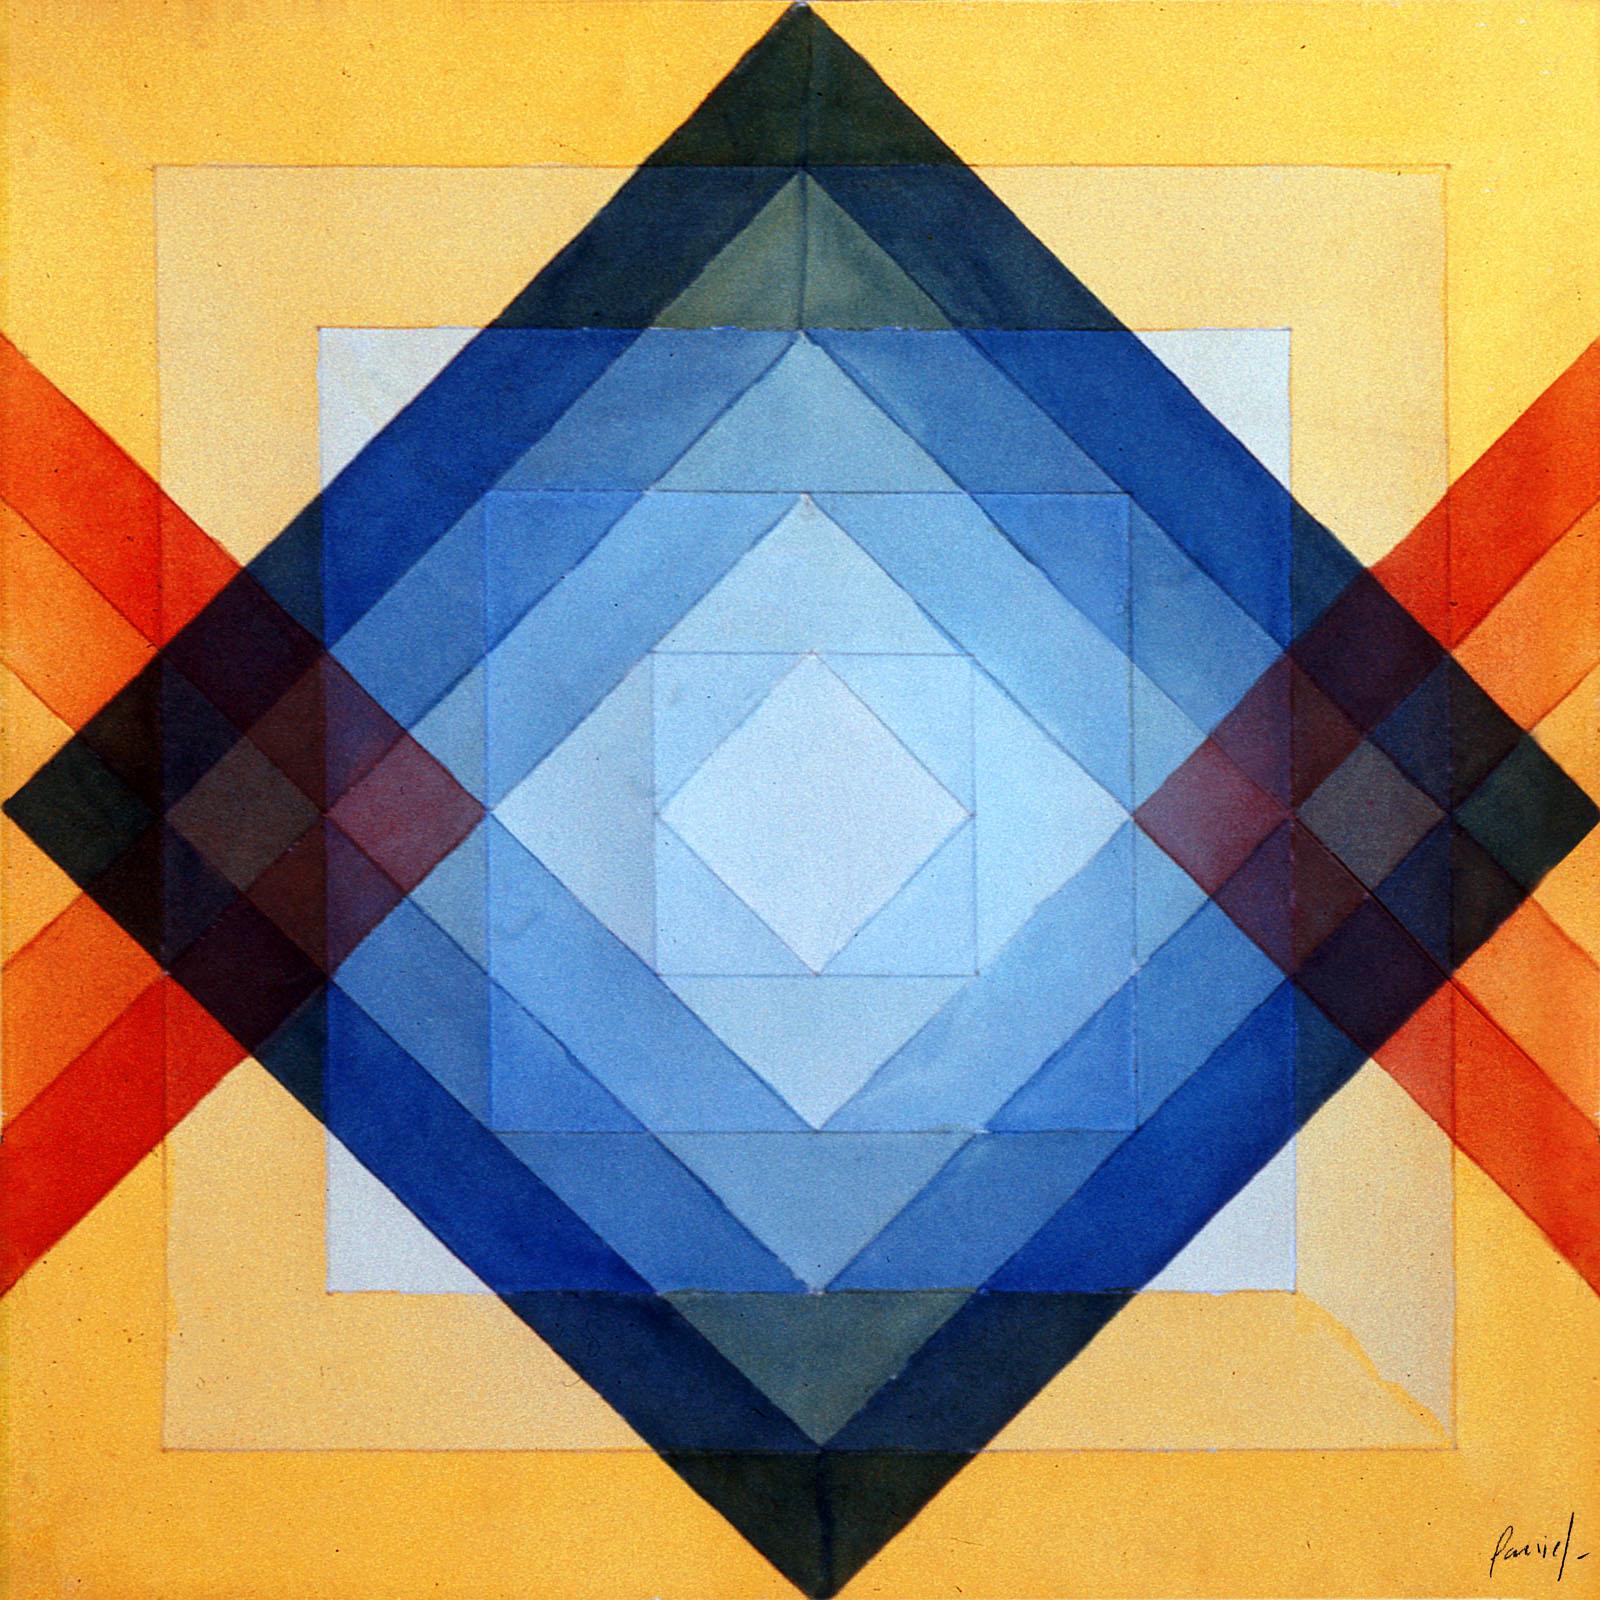 panies-danielvillalobos-painting-twentiethcentury-kinetic-art-13